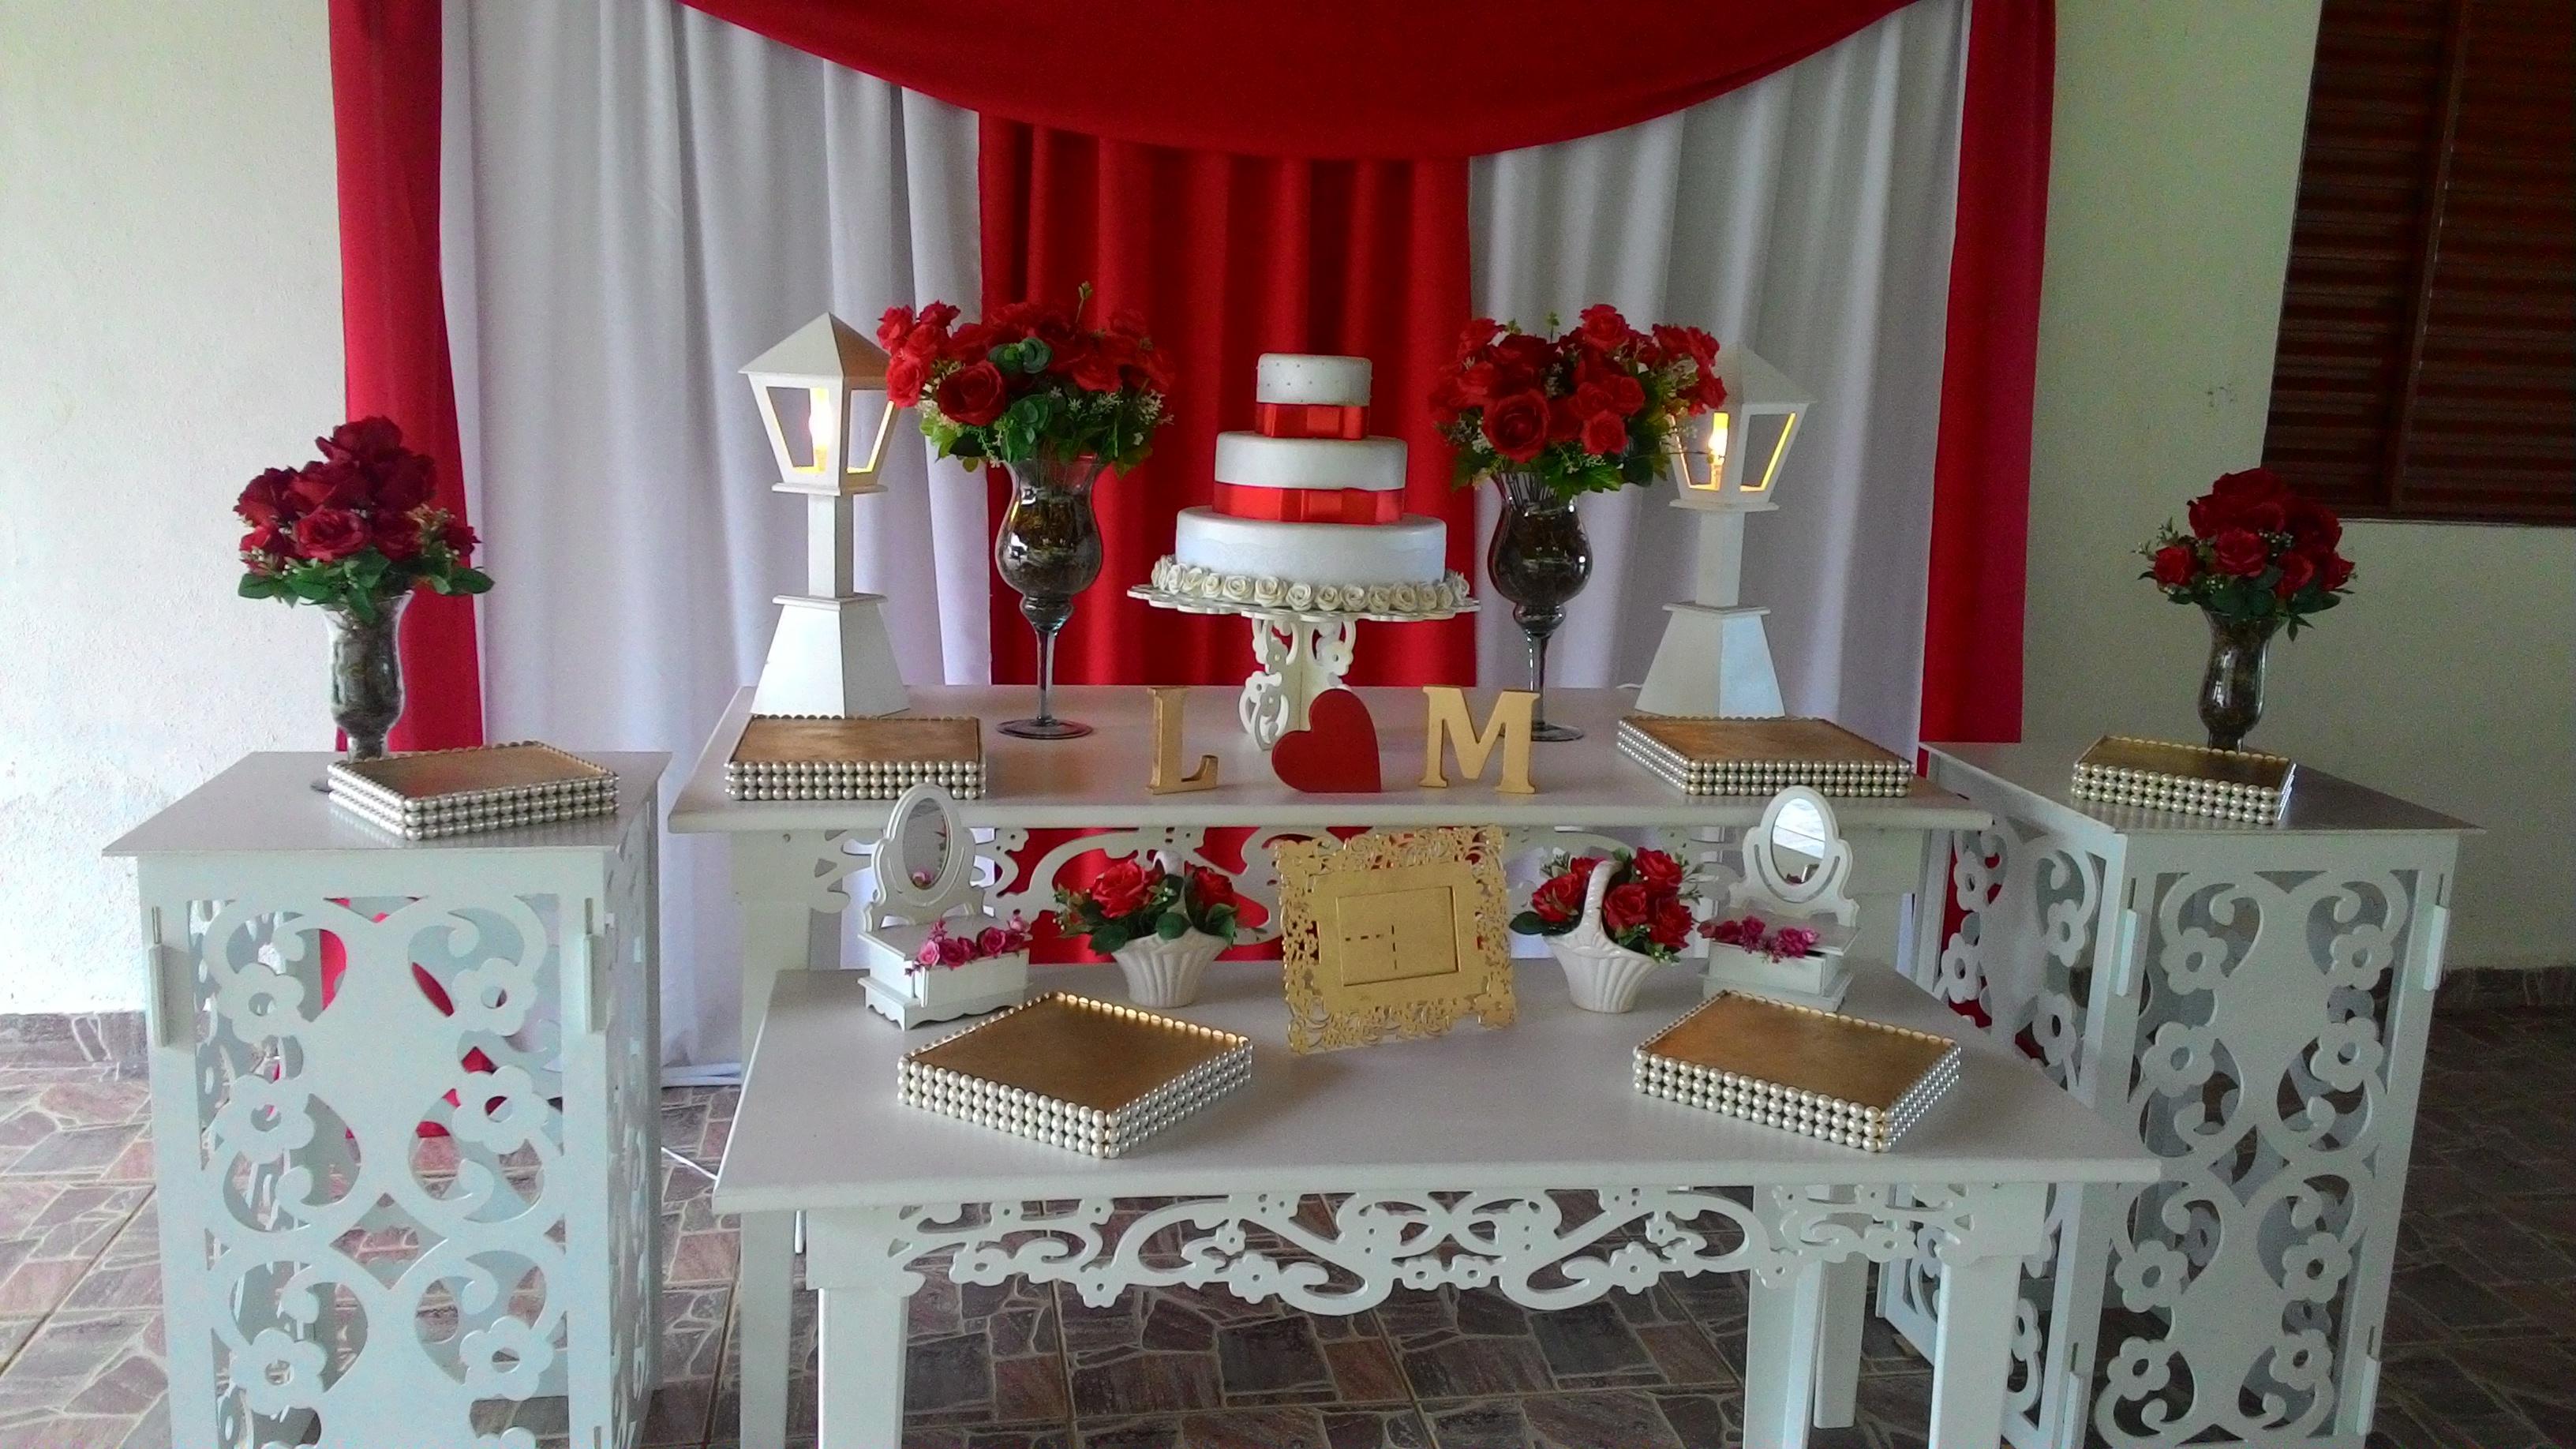 70 Imagens E Informações Por você! decoracao-vermelho-e-branco-com-perolas-noivado